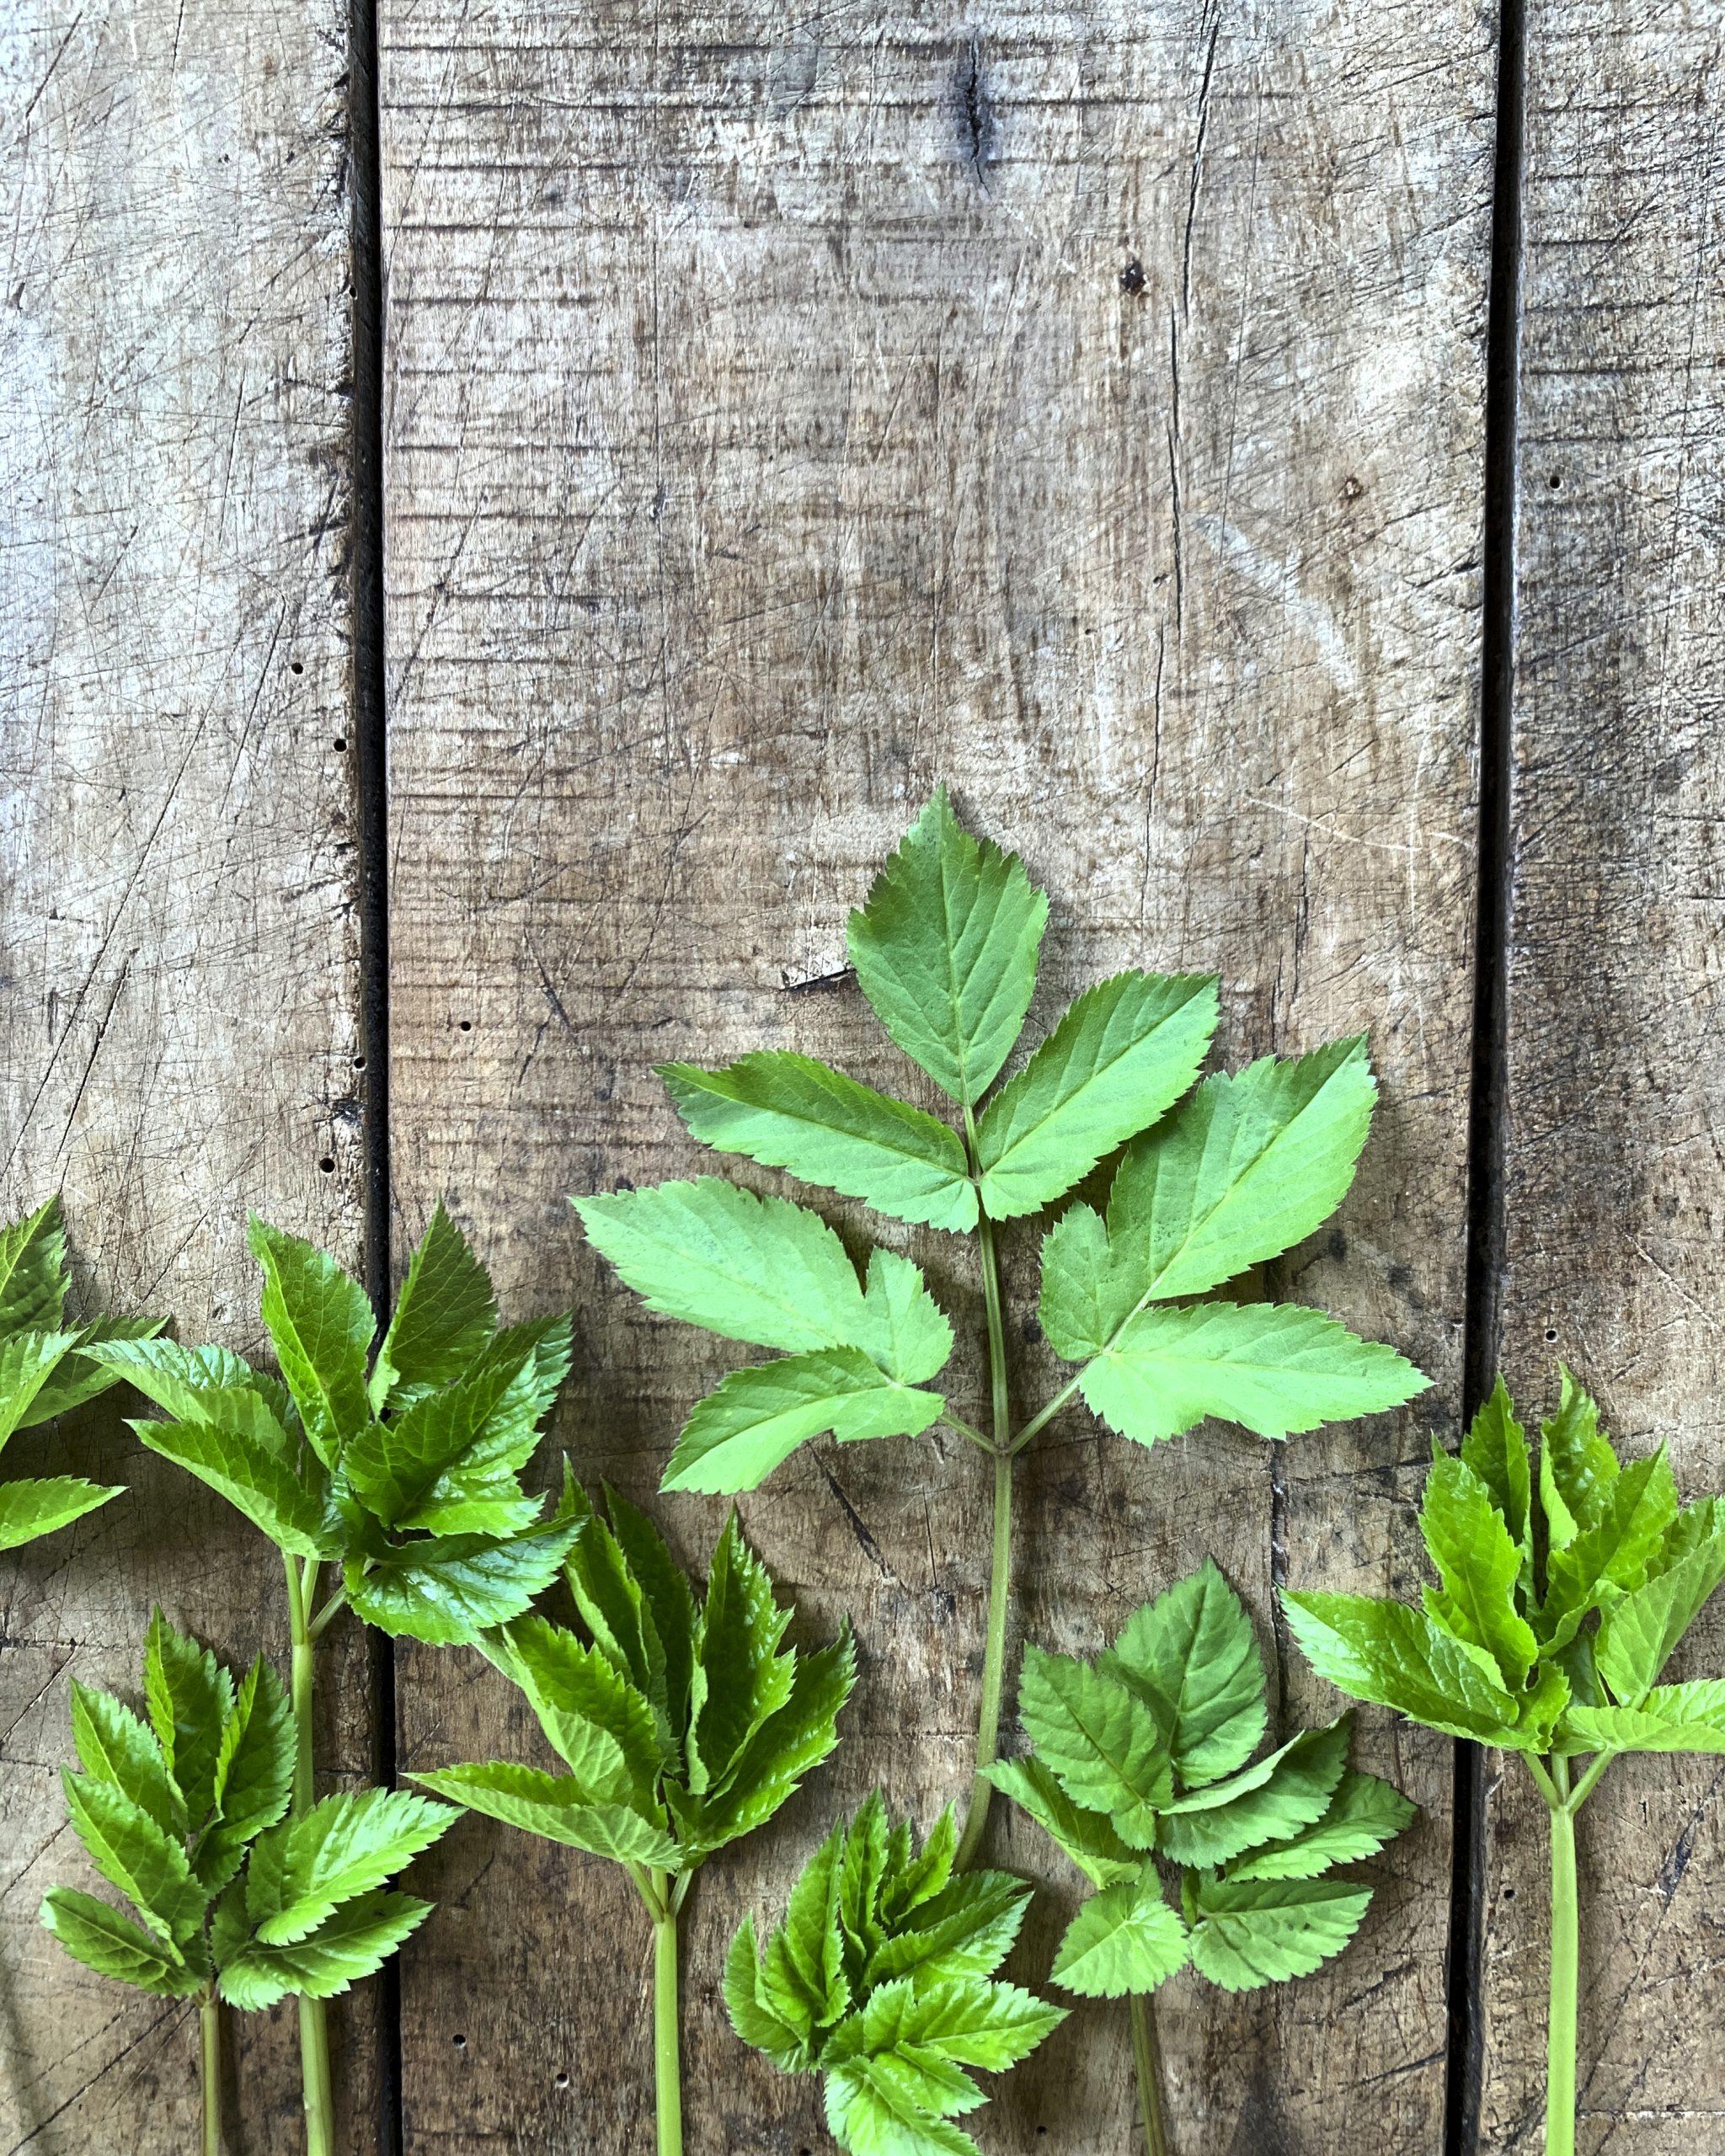 wildkraeuter-giersch-heilkraut-essbare-wildpflanzen-entgiftung-pflanzenkueche-naturheilkunde